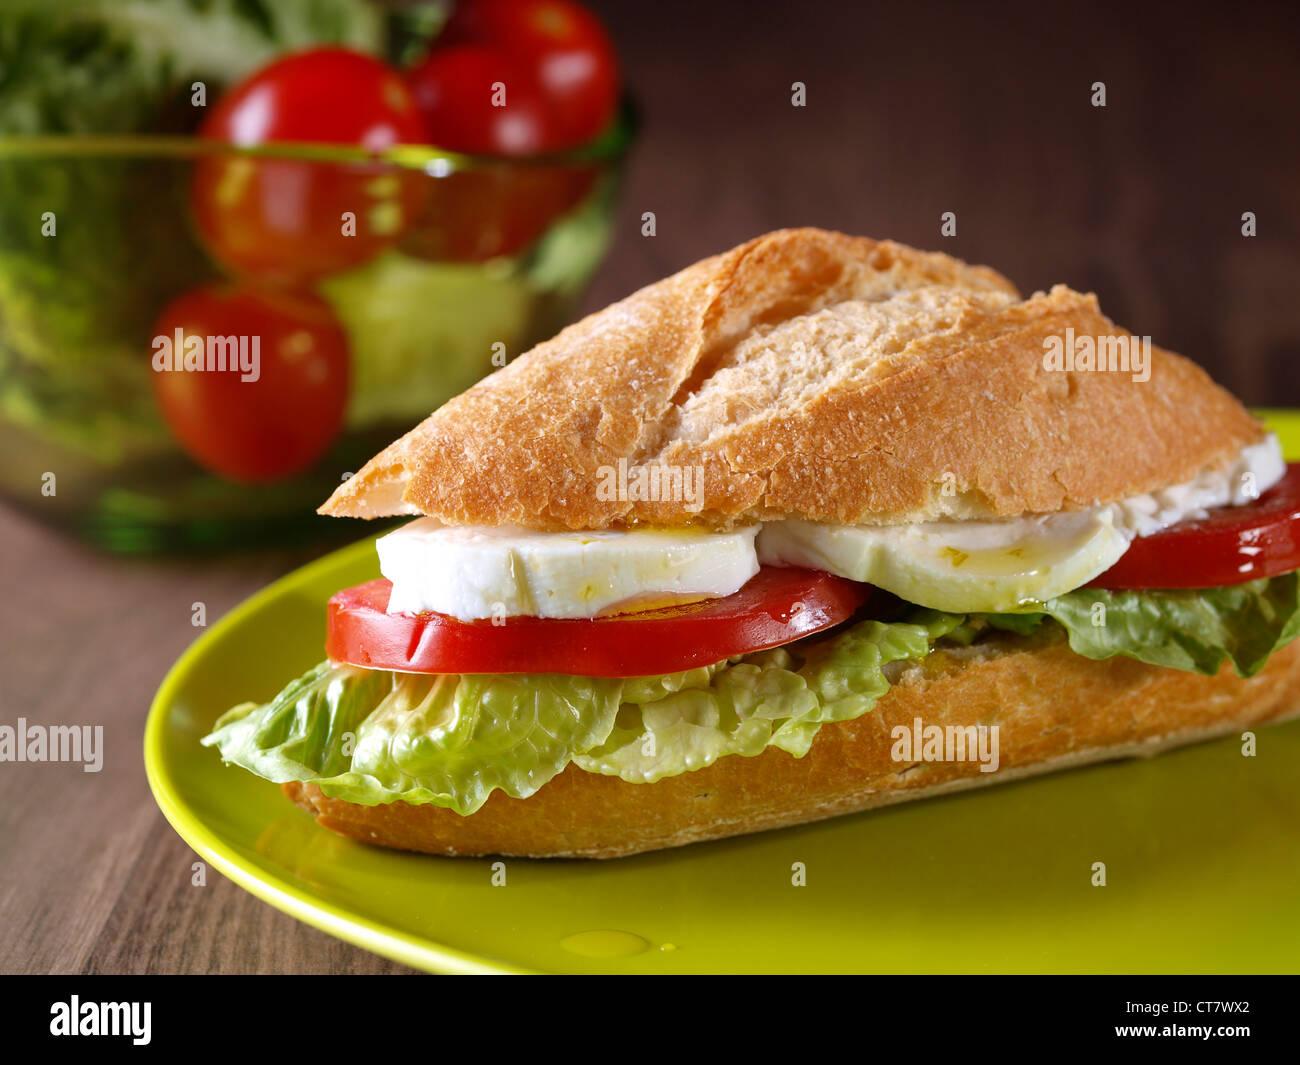 Vegetal De VegetalSandwich Sándwich VegetalesBocadillo Con OPnkw0